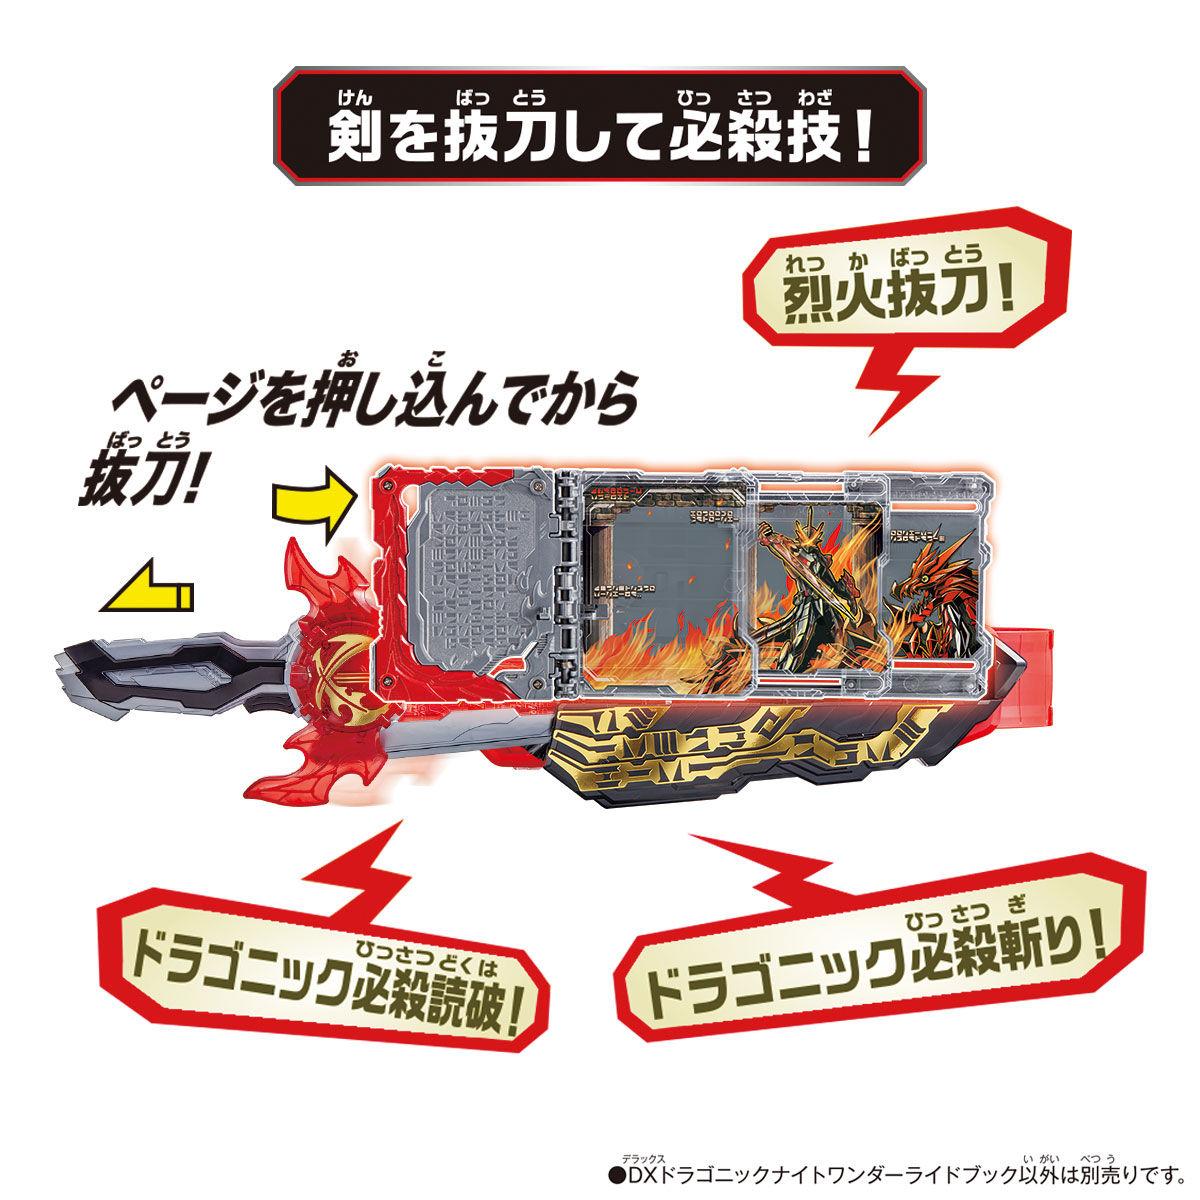 仮面ライダーセイバー『DXドラゴニックナイトワンダーライドブック』変身なりきり-008